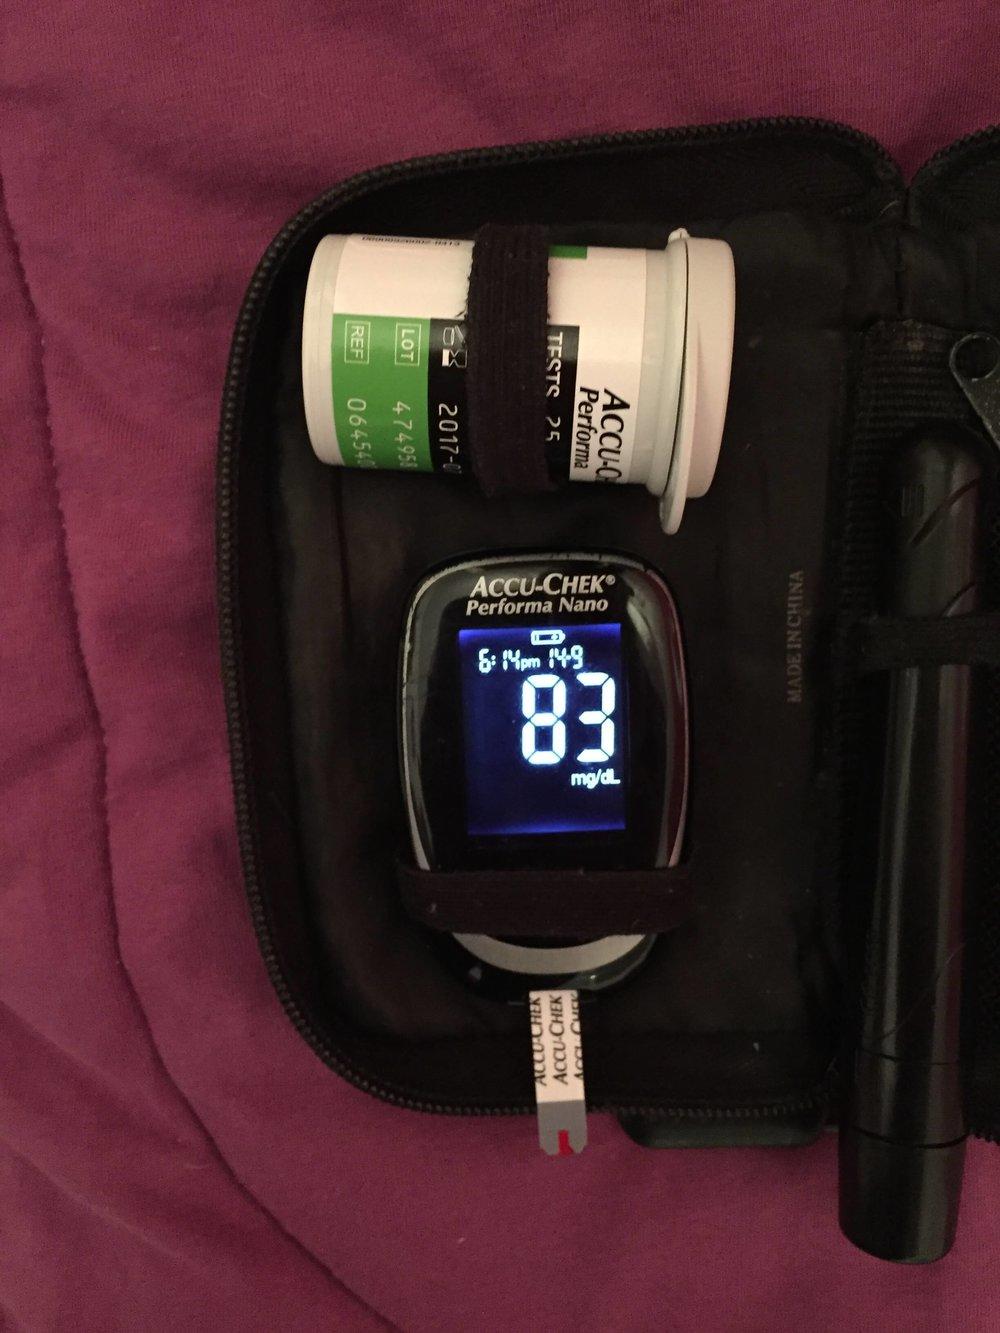 Esse é o aparelho que mede a glicemia!